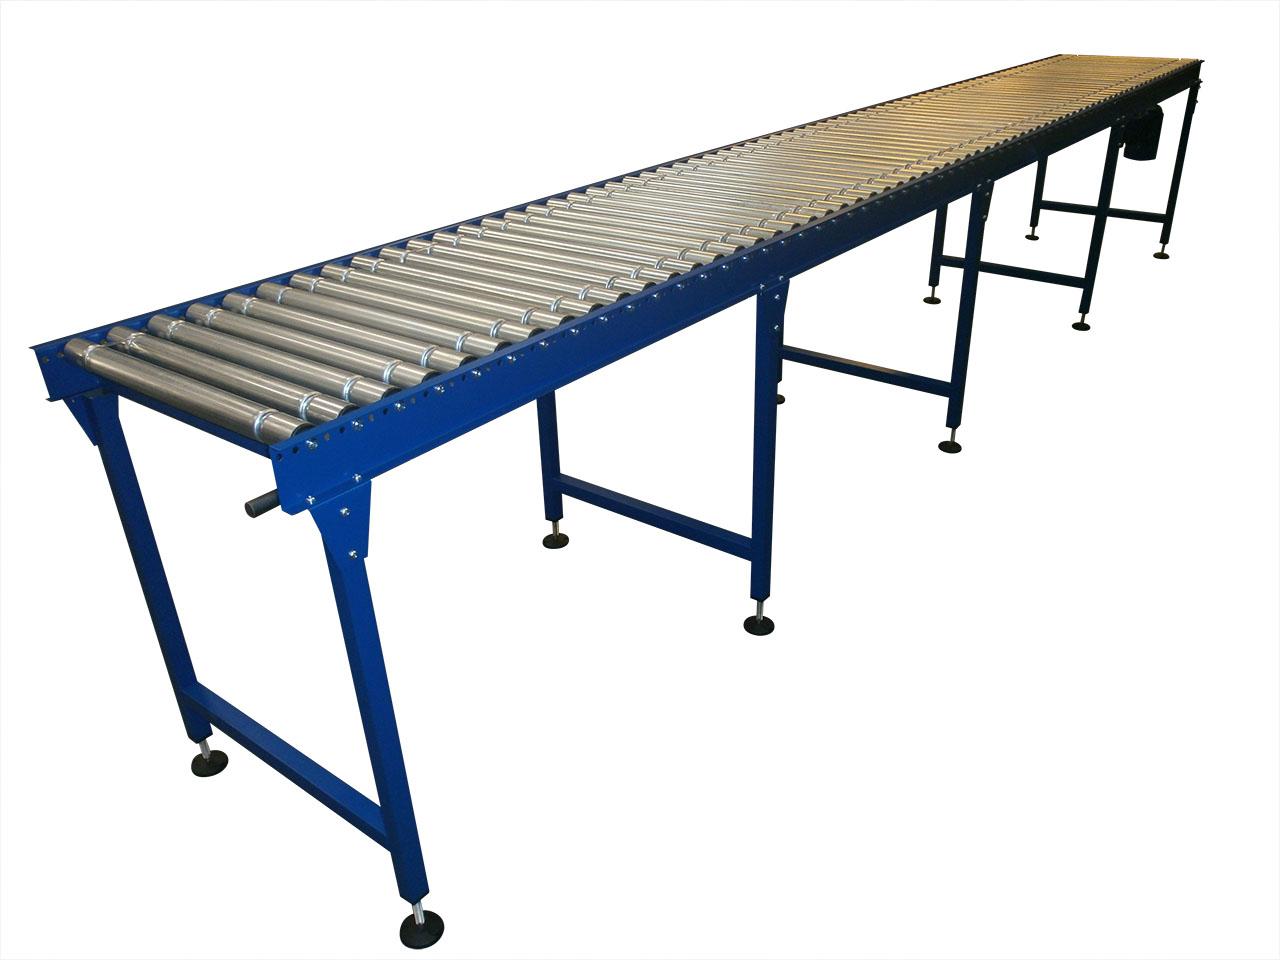 Lineshaft driven roller conveyor